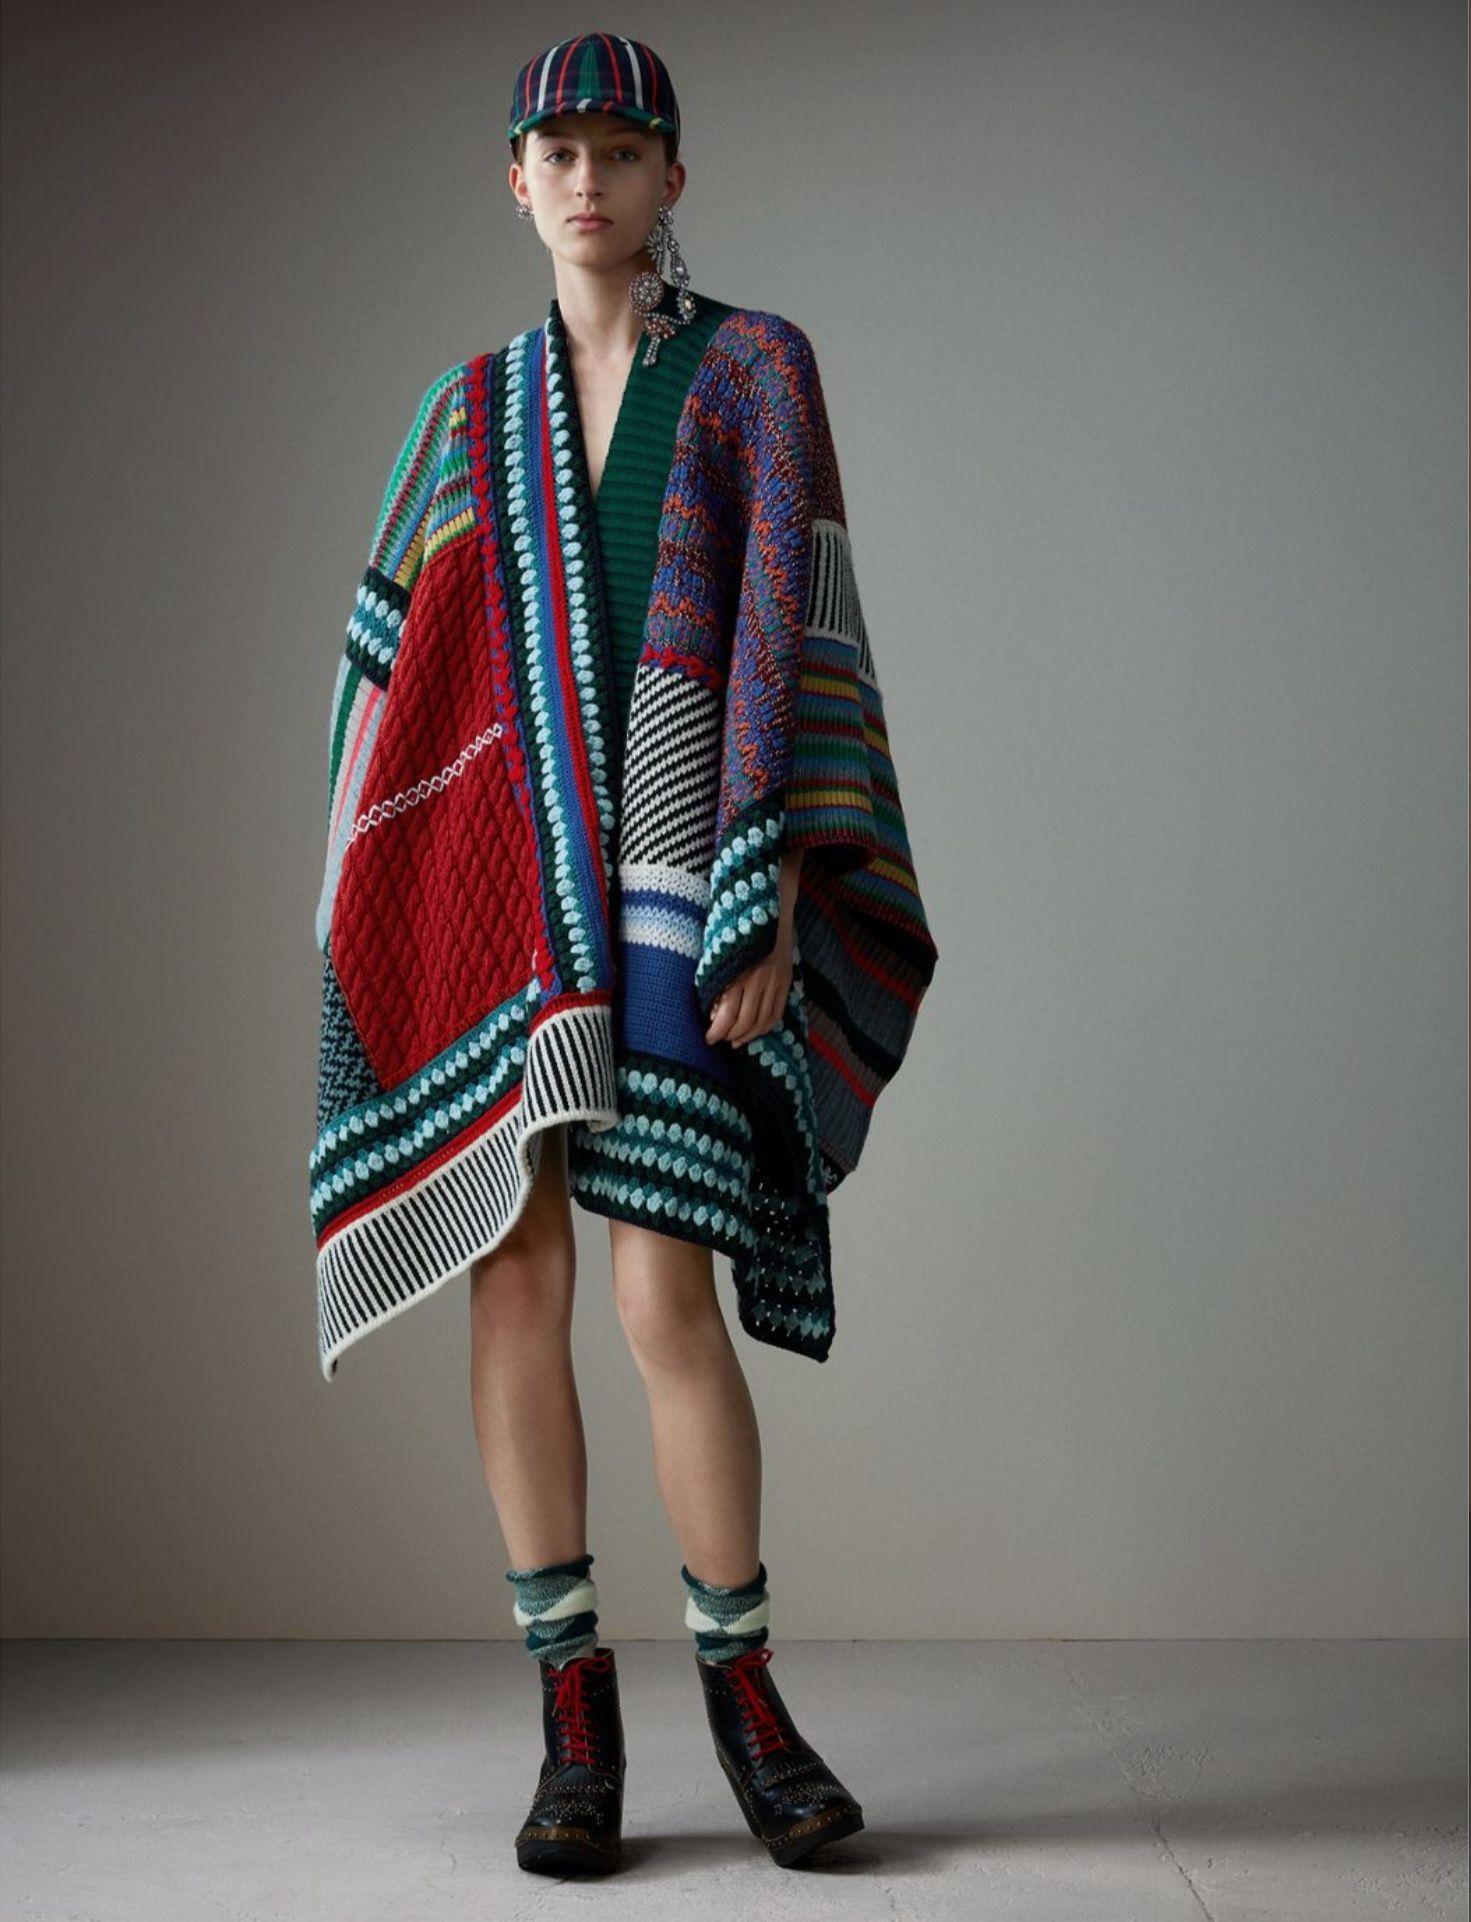 Ponchos Moda Ponchosknitted Wear Pinterest Knitting